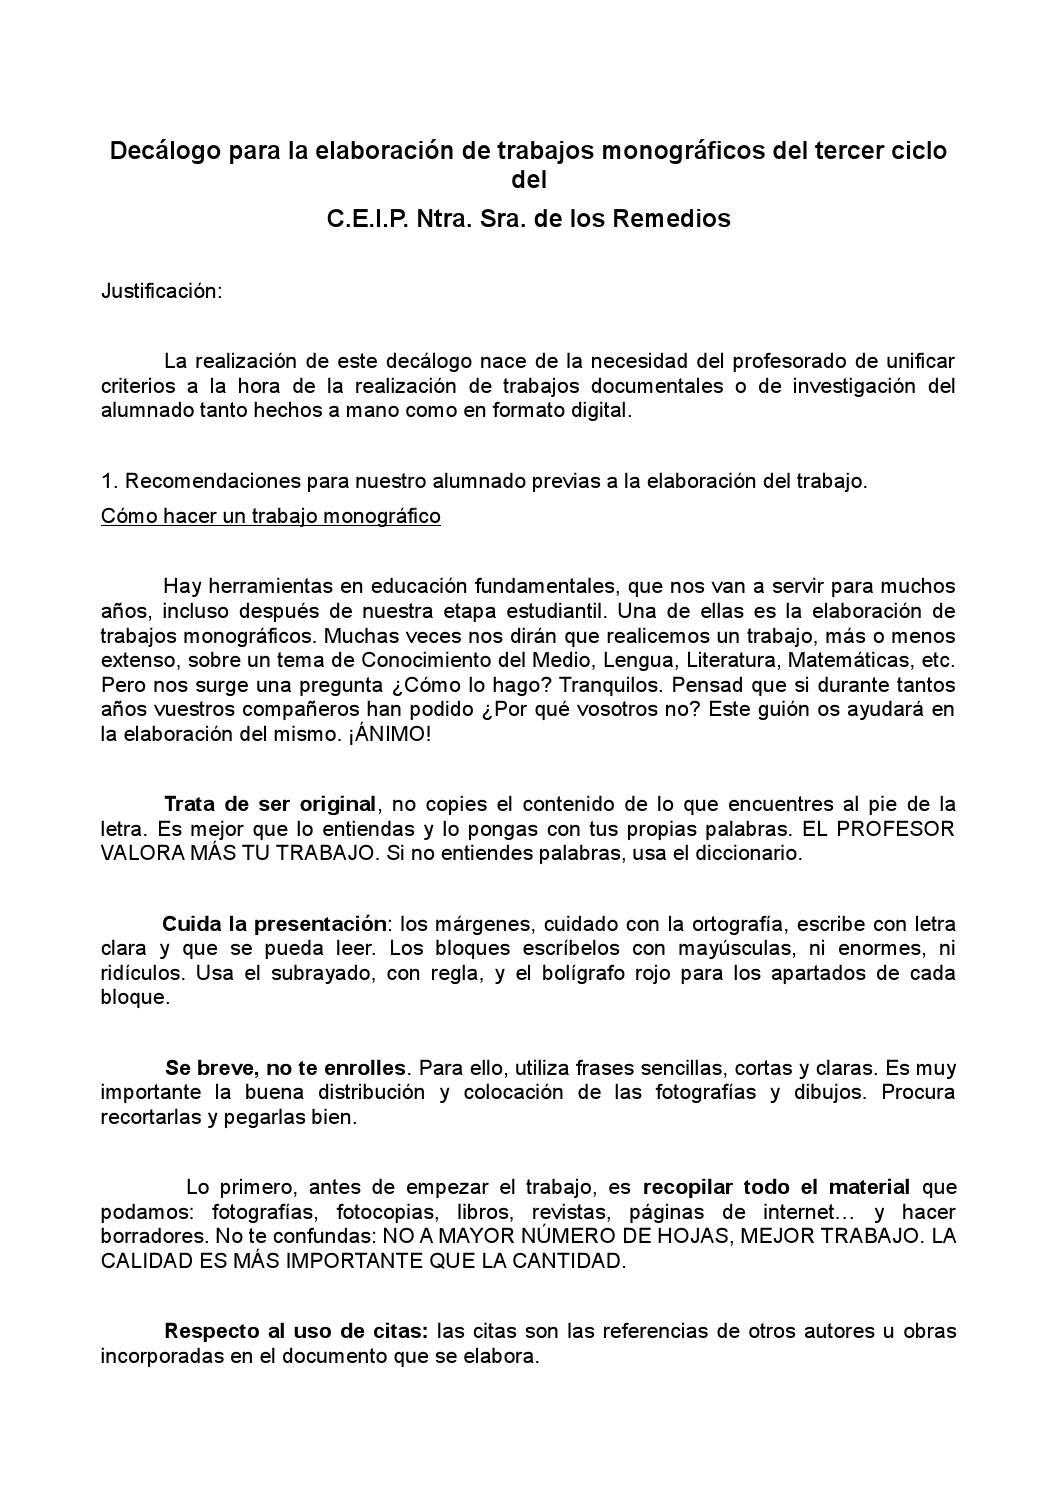 Decalogo para elaboración de trabajos monográficos by antequerano45 ...